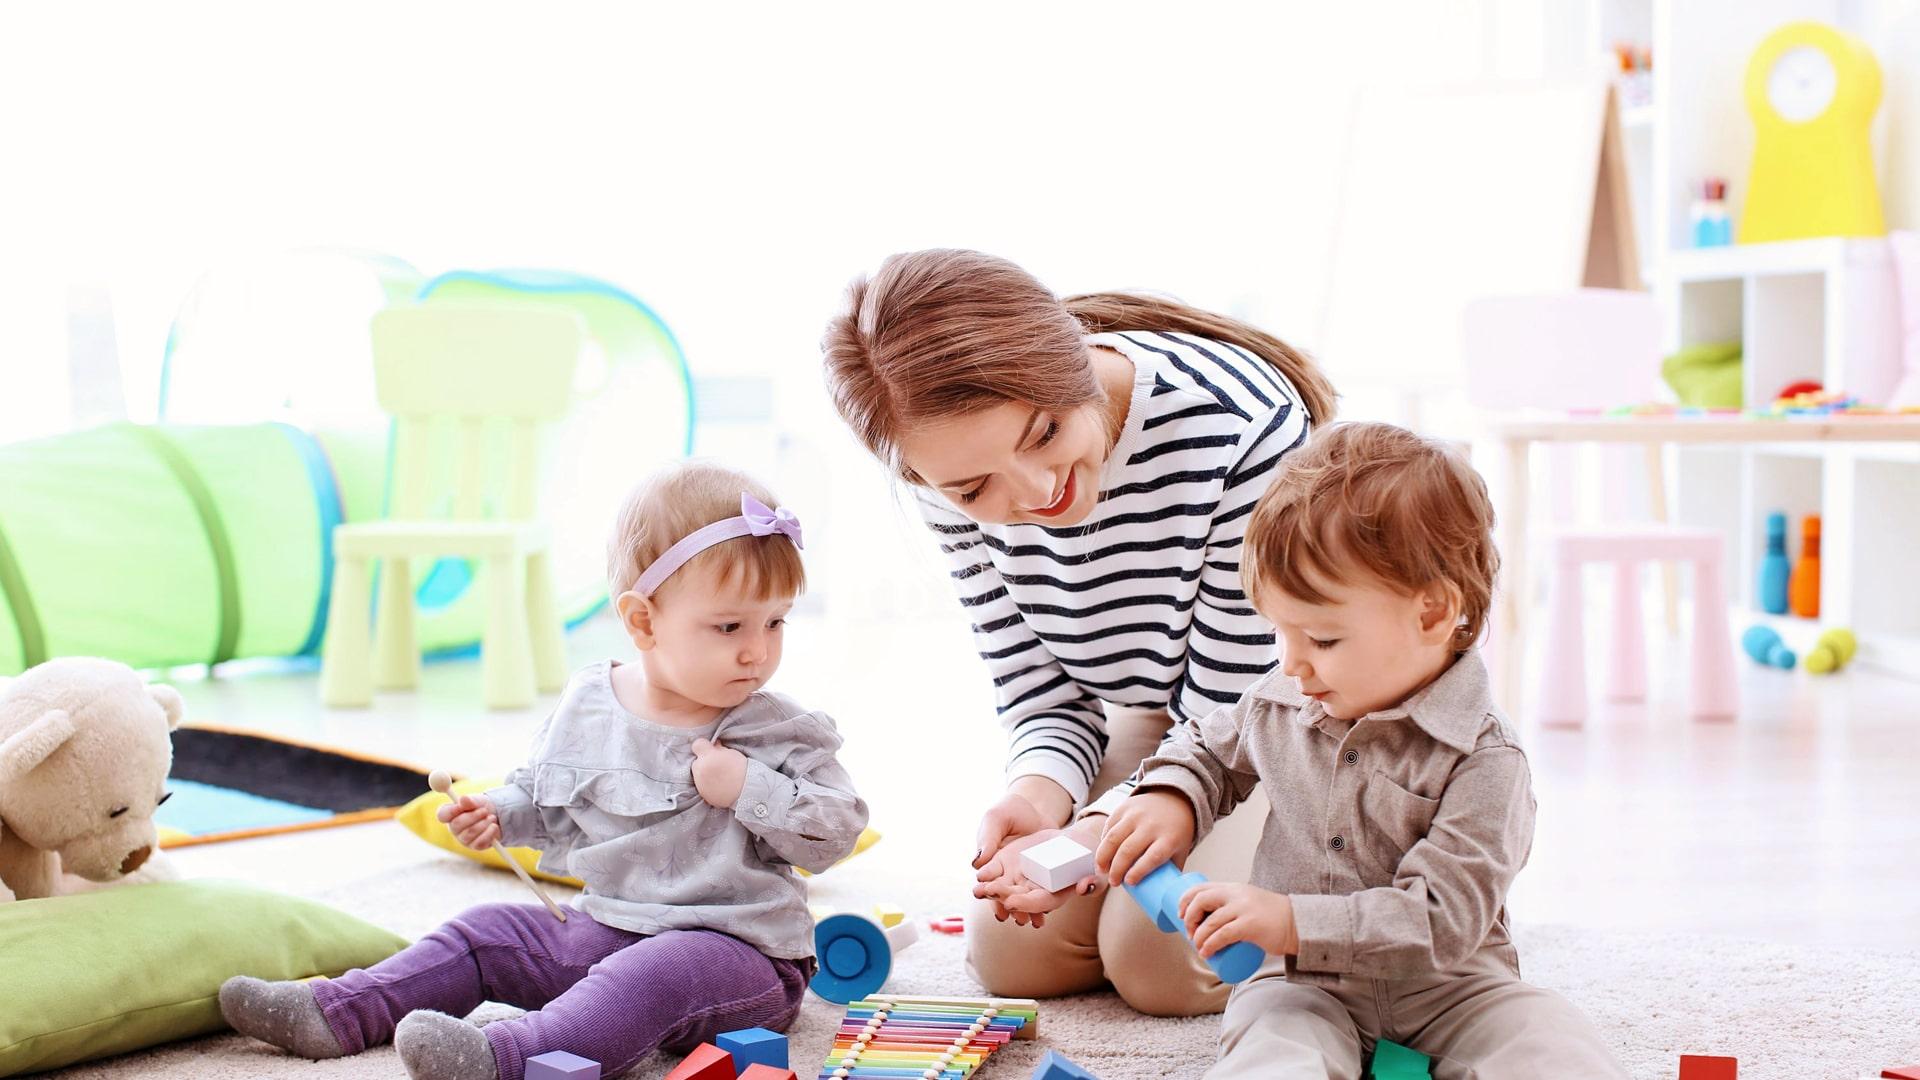 Au Pair en Estados Unidos | Trabajar cuidando niños en Estados Unidos